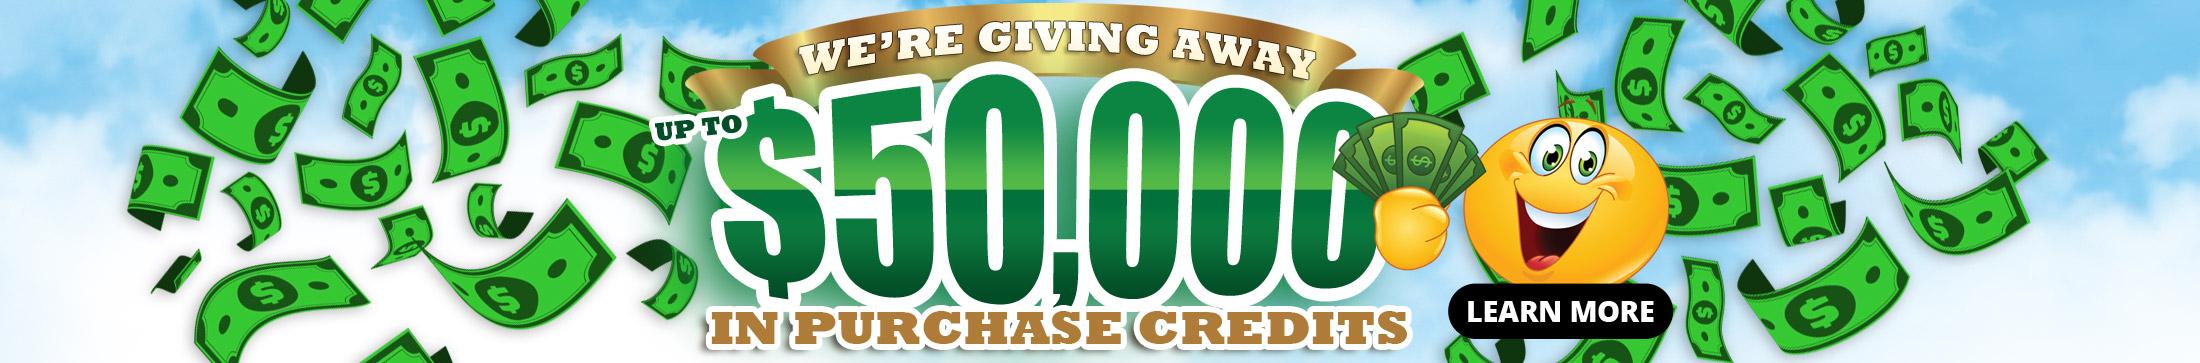 50k-giveaway-web-banner-lg-1